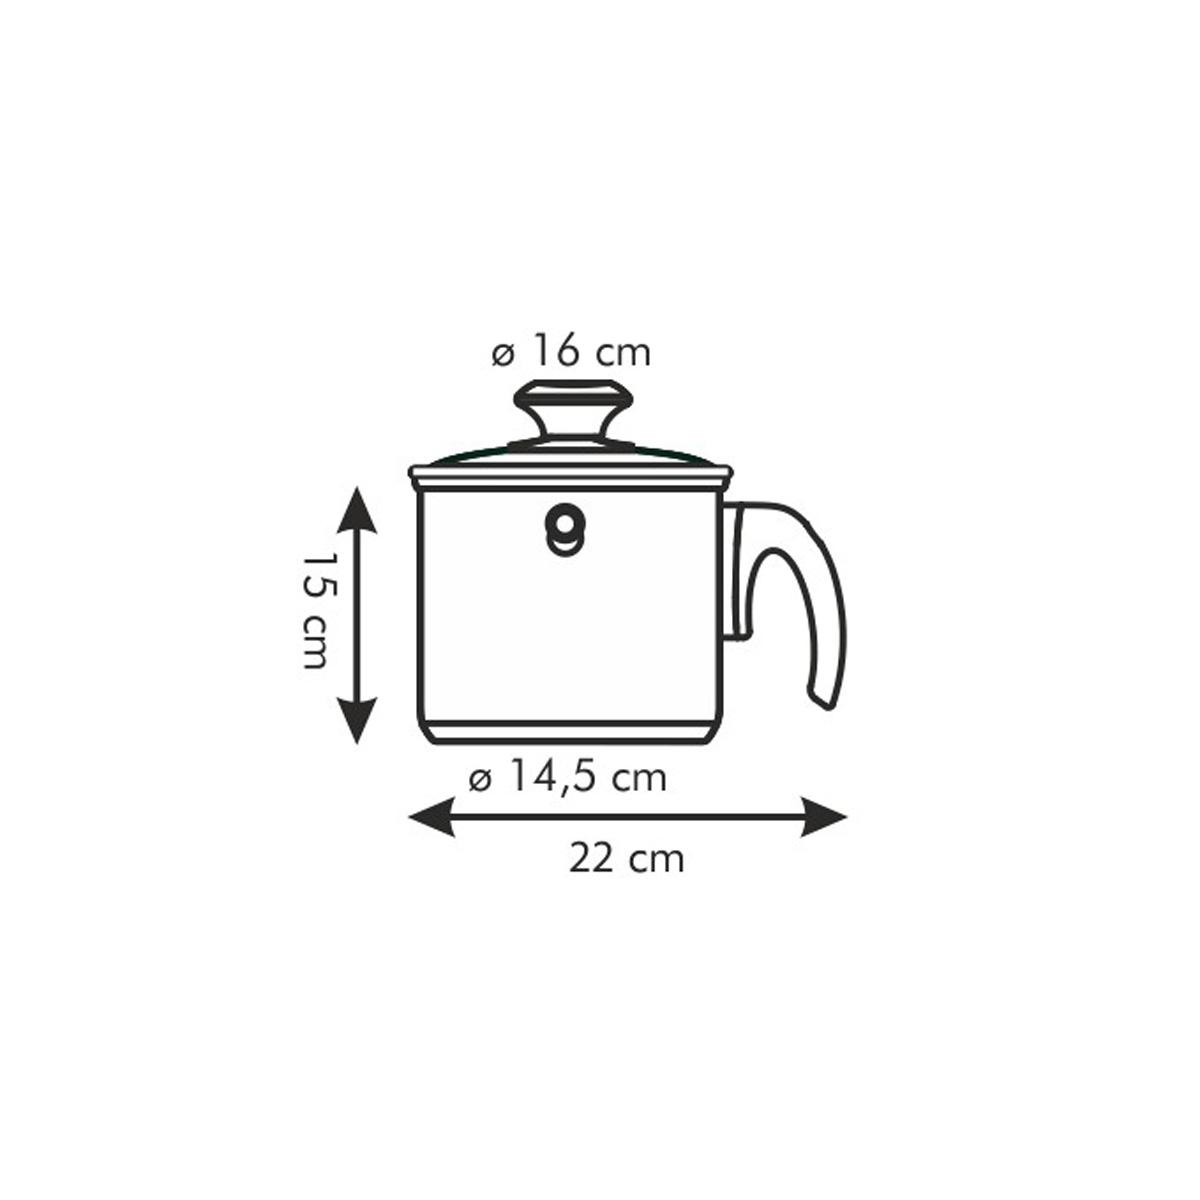 Mlékovar dvouplášťový PRESTO s poklicí ø 16 cm, 2.0 l